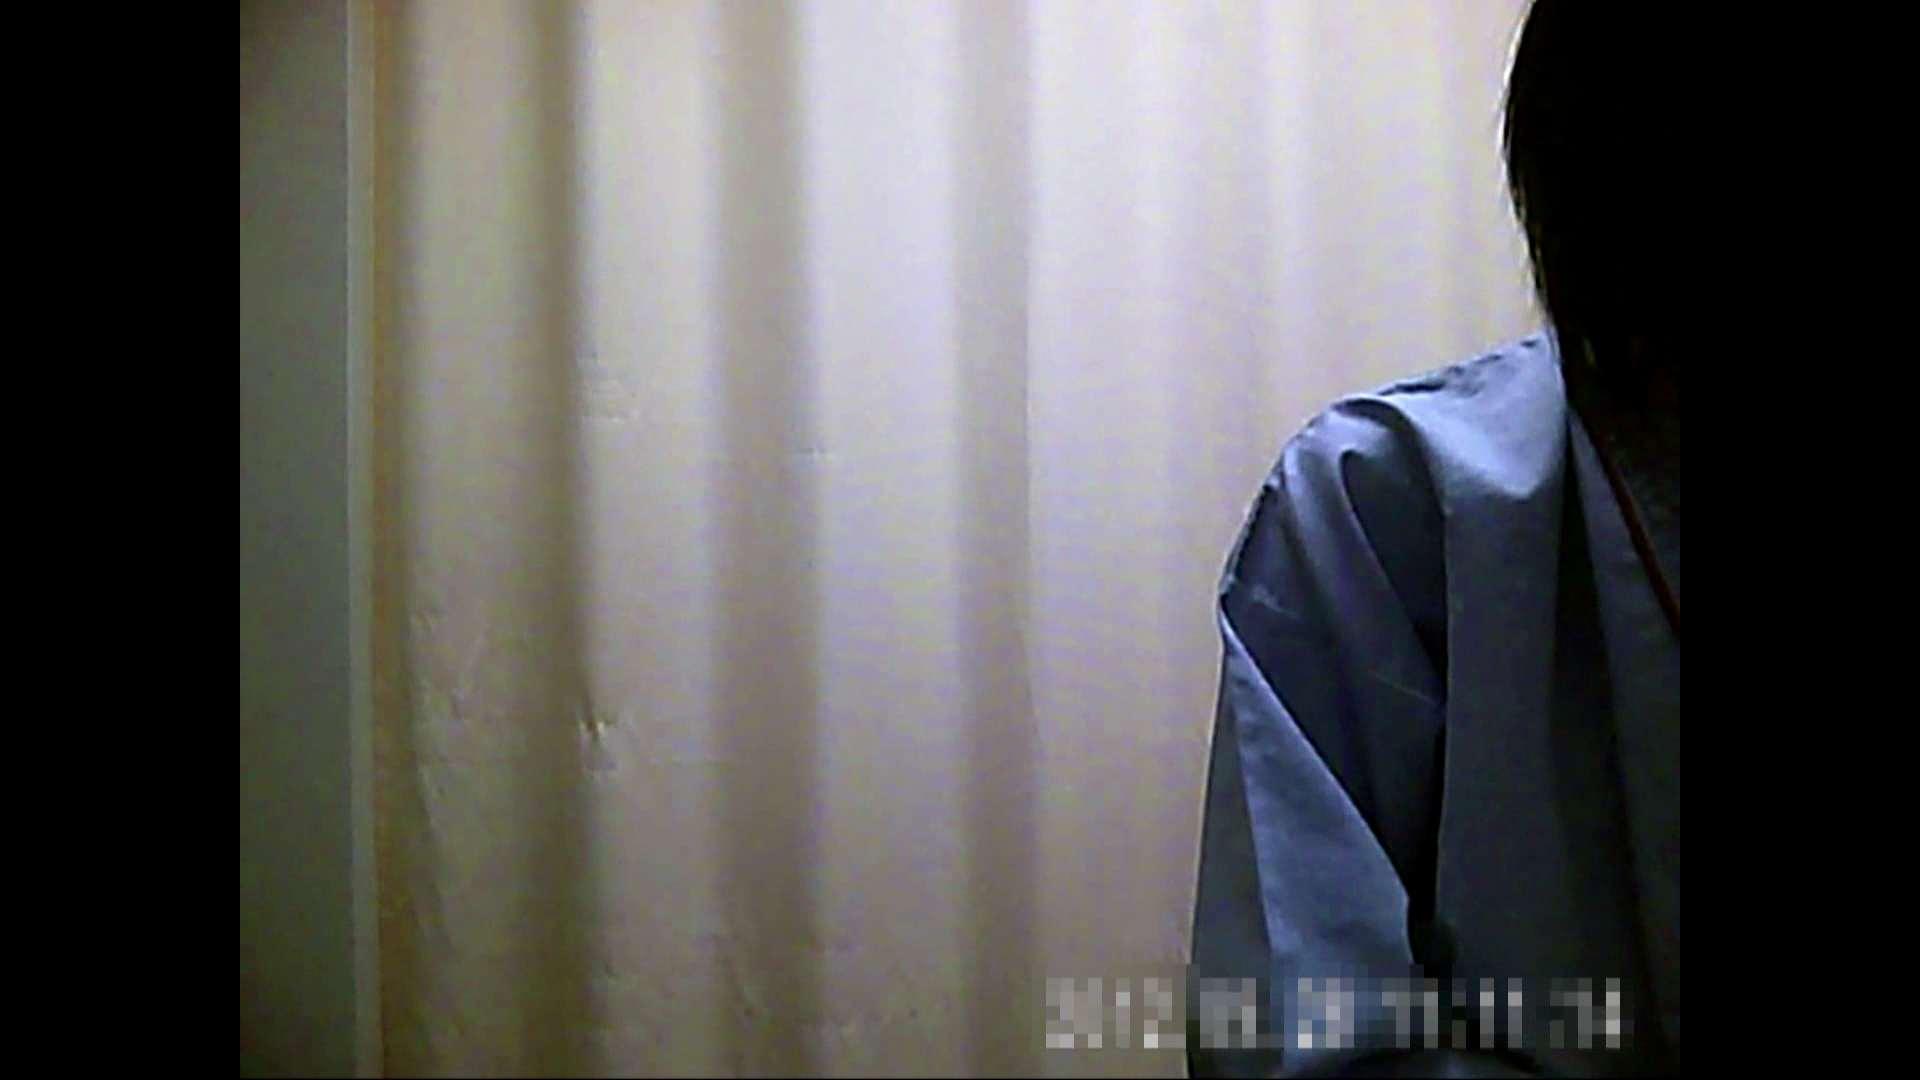 元医者による反抗 更衣室地獄絵巻 vol.073 お姉さん攻略 われめAV動画紹介 110画像 86